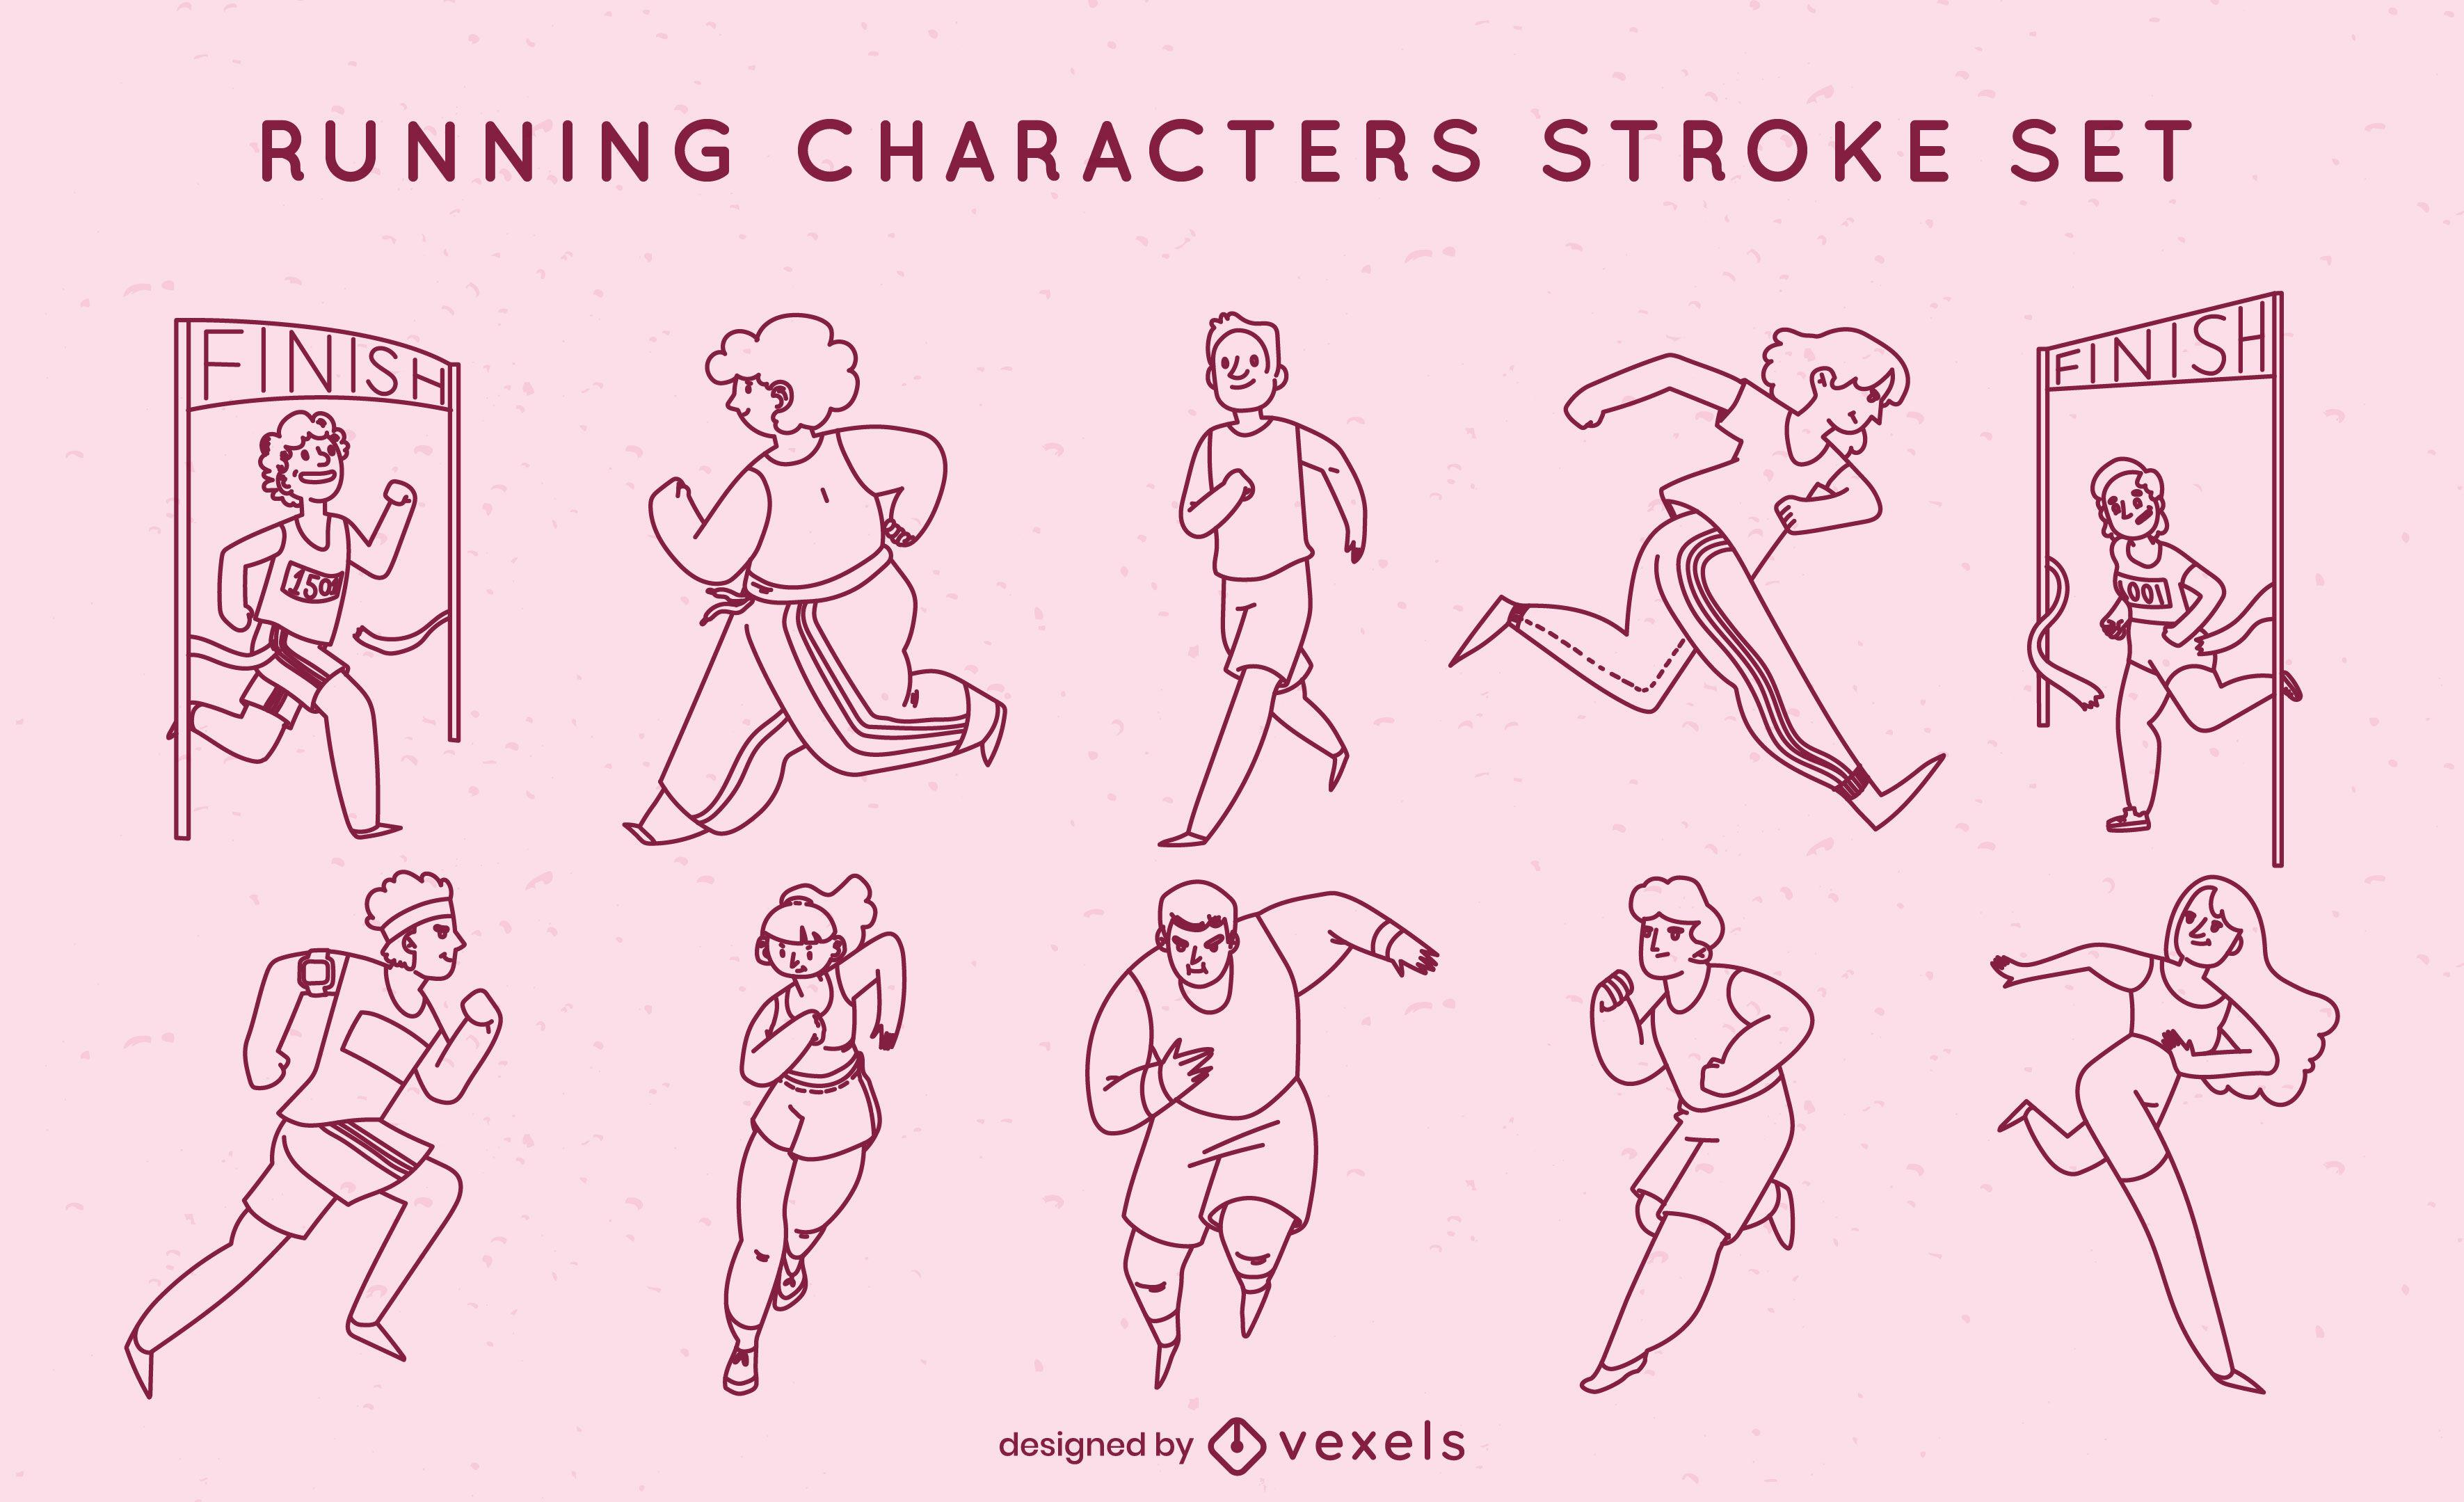 Pessoas correndo conjunto de caracteres de traçado